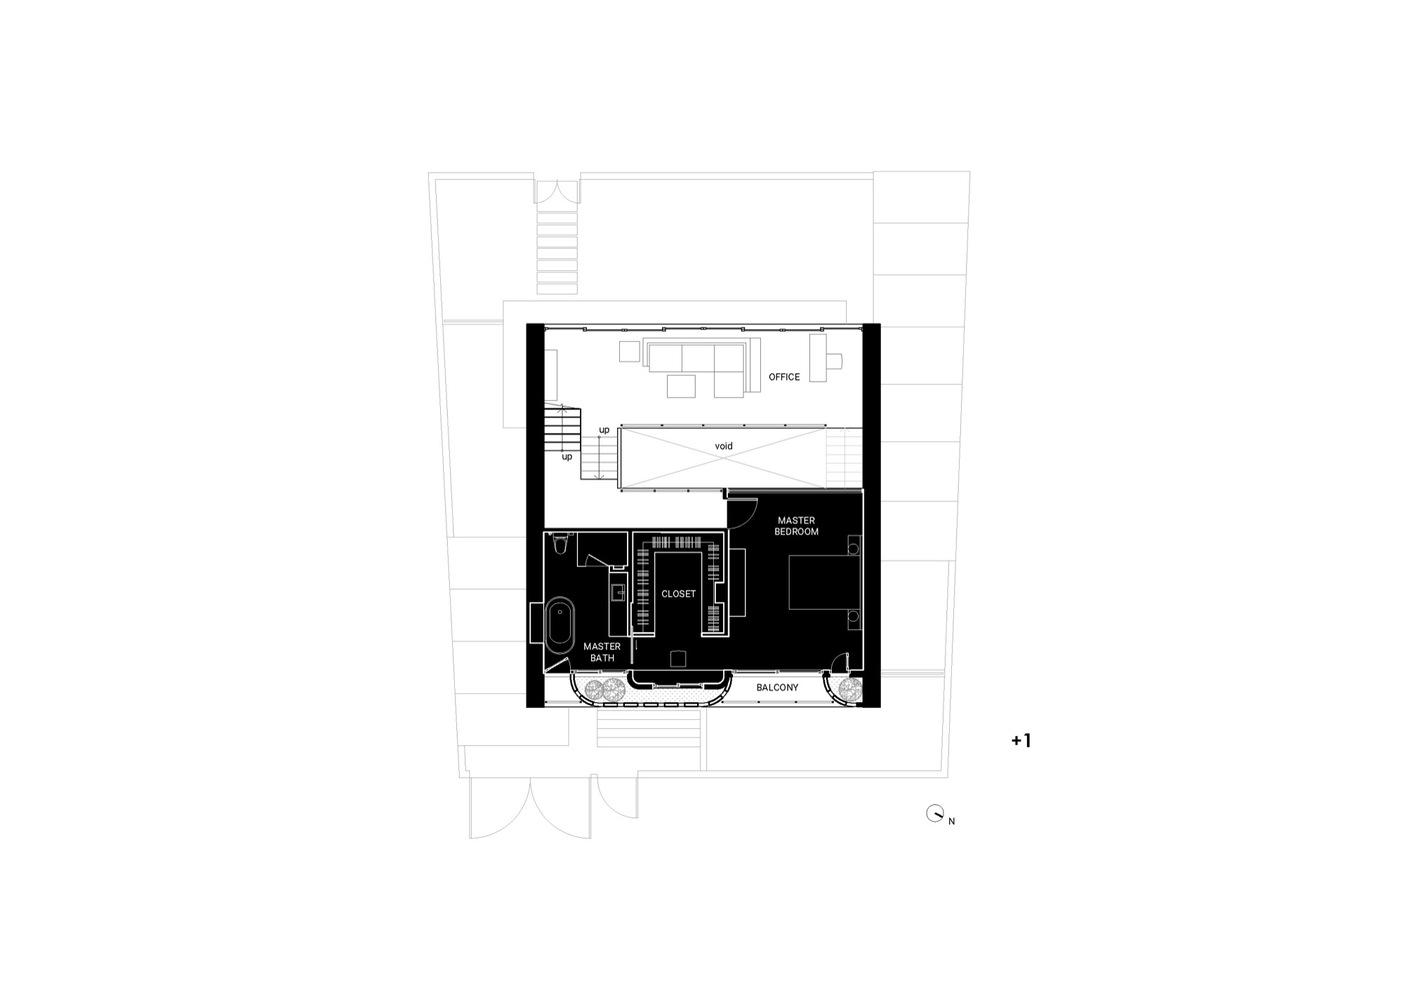 2_second_floor